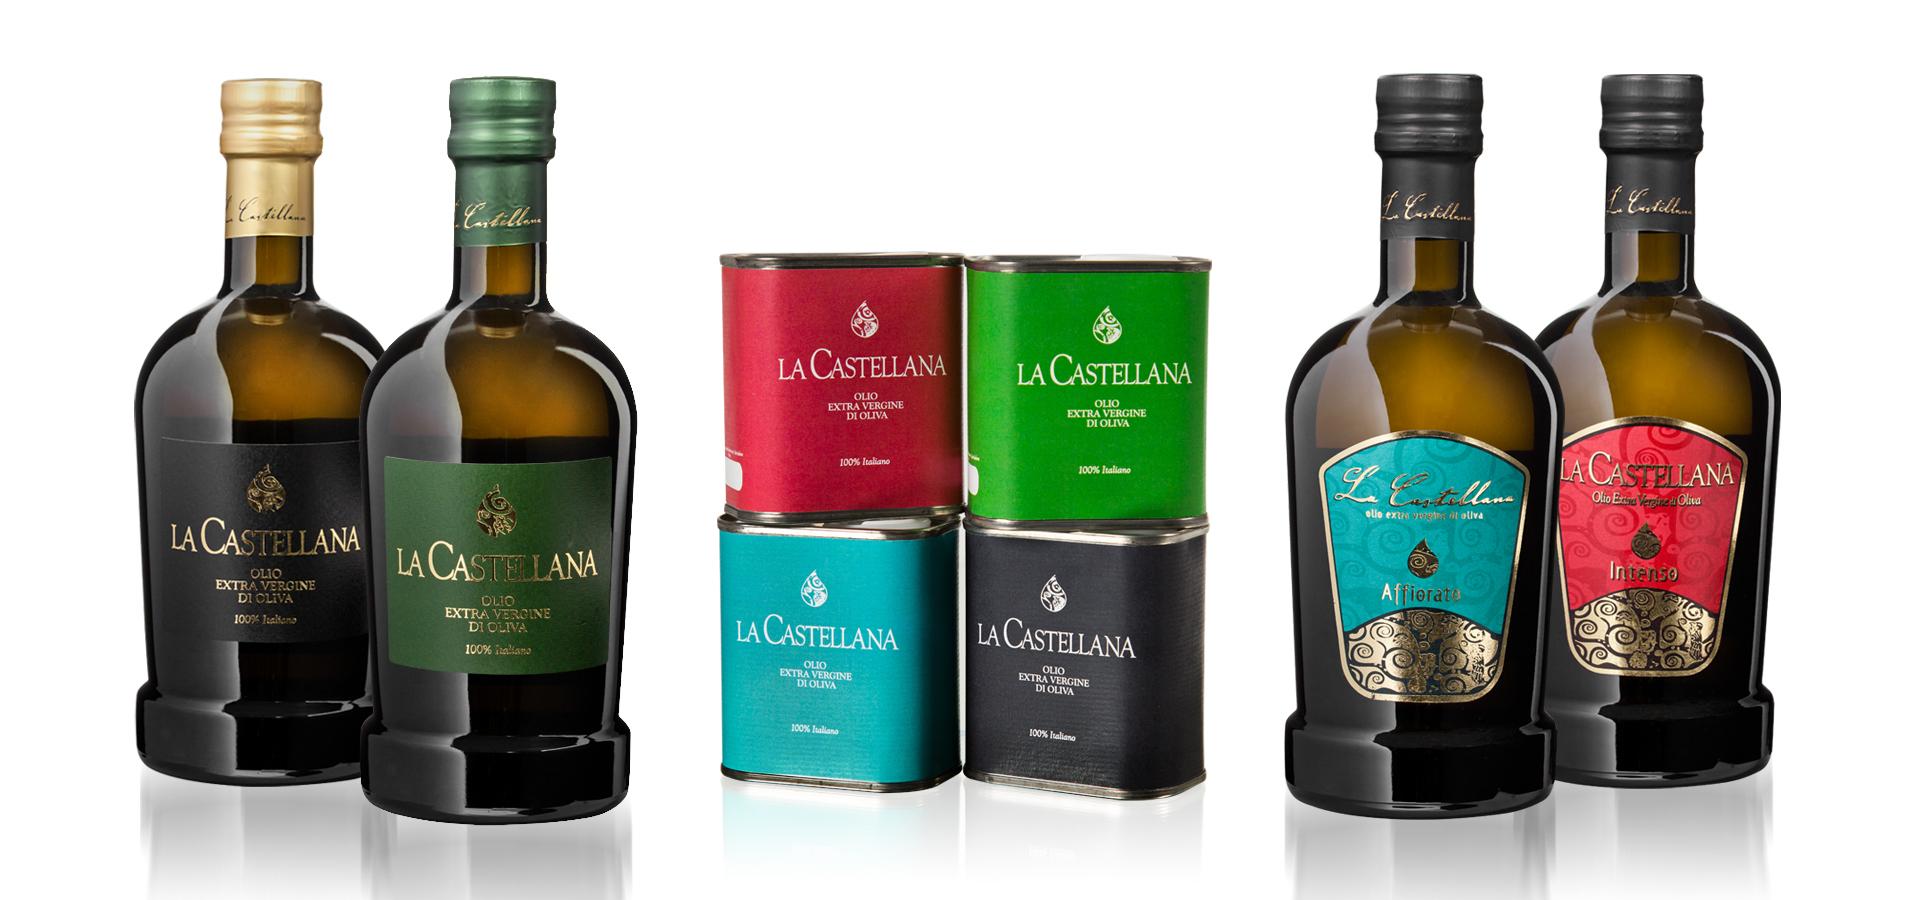 Olio evo tenuta castellana: olio affiorato, olio intenso, olio fruttato e olio delicato